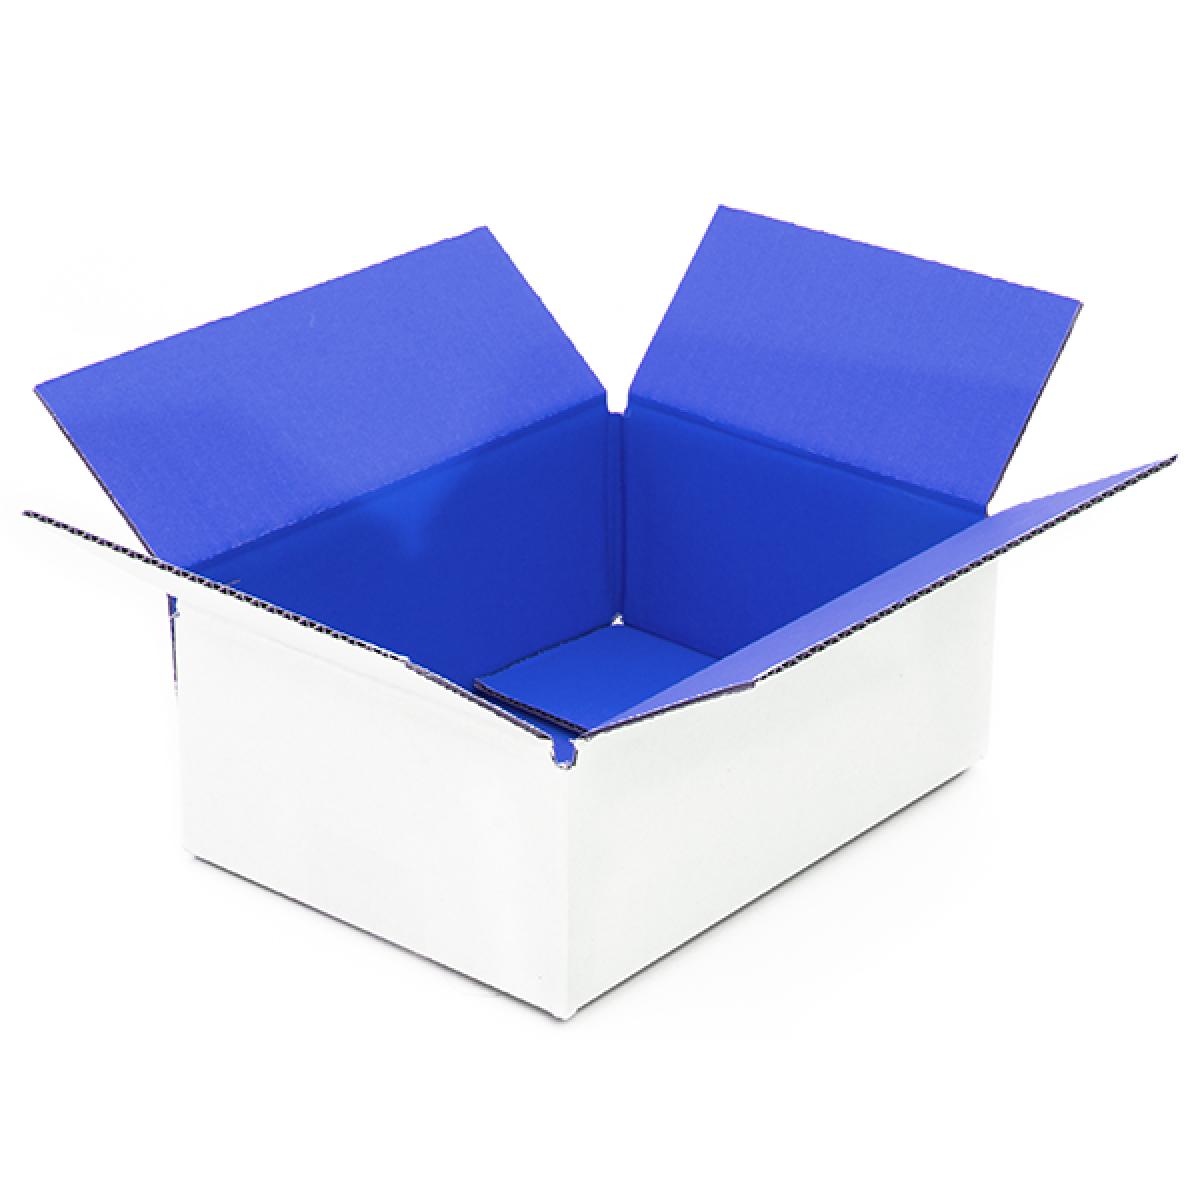 Blauwe doos binnen